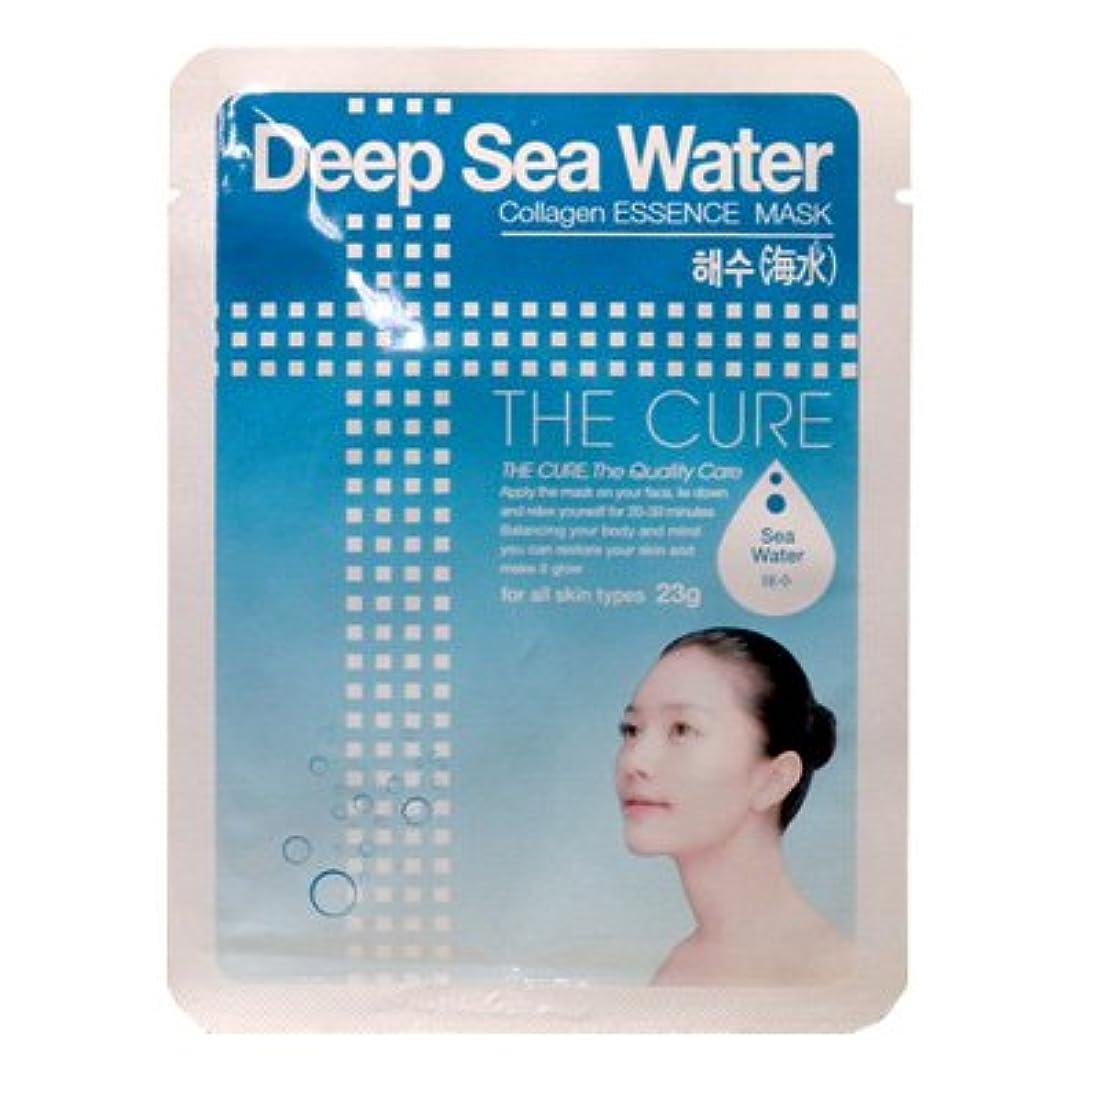 周波数晩ごはん硫黄CURE マスク シートパック 海水